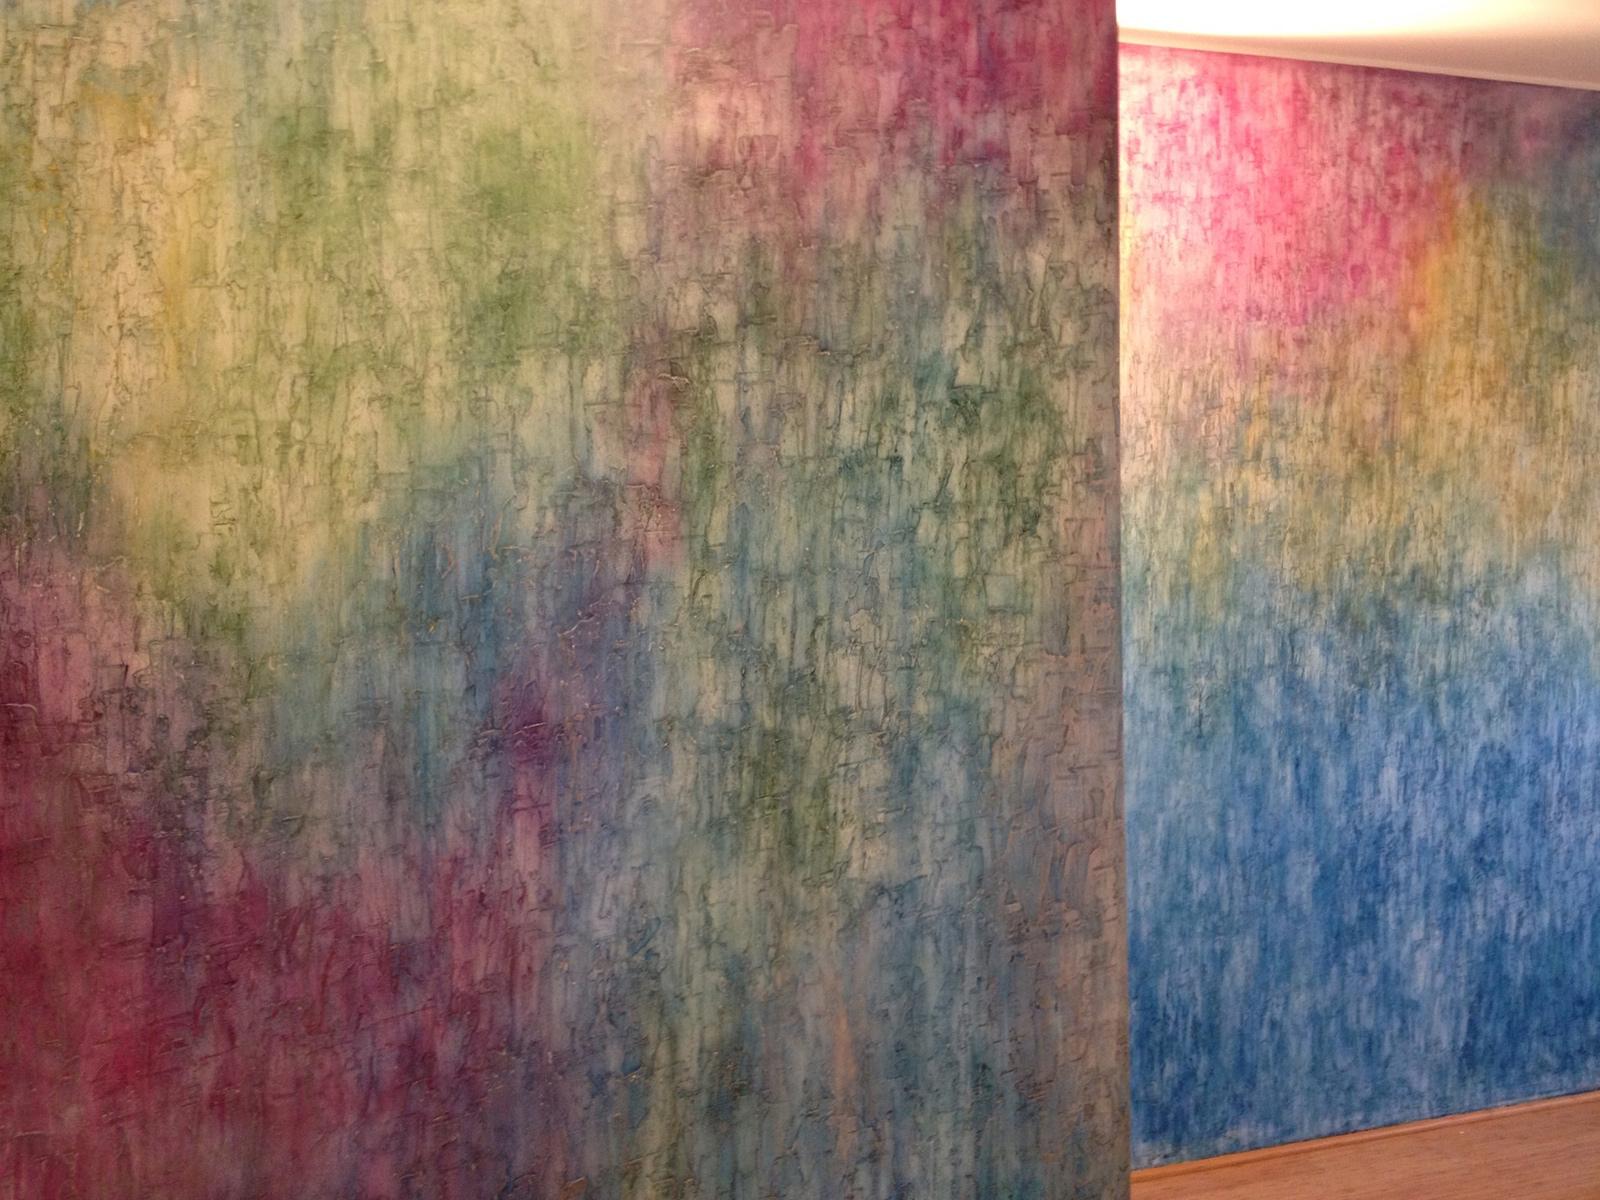 Gallery decorazioni d 39 aietti for Decorazioni materiche